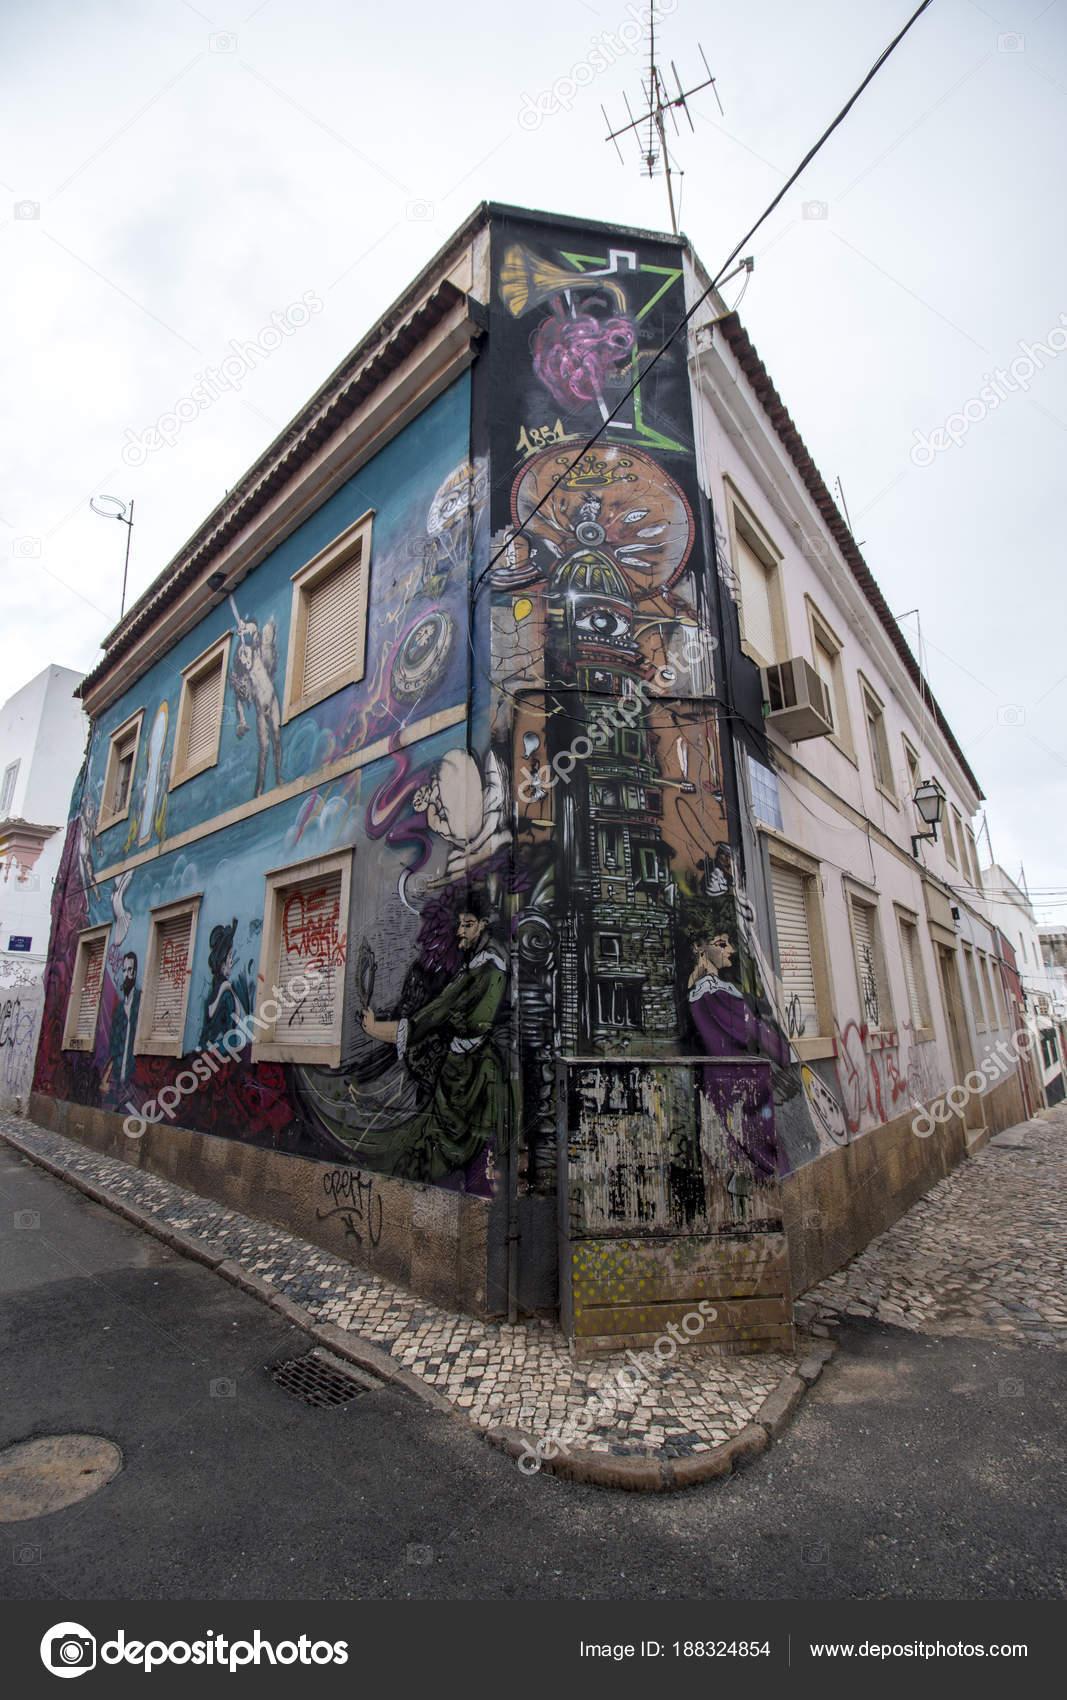 Faro Portugalsko Brezna 2018 Graffiti Stare Budove Pokryte Coloful